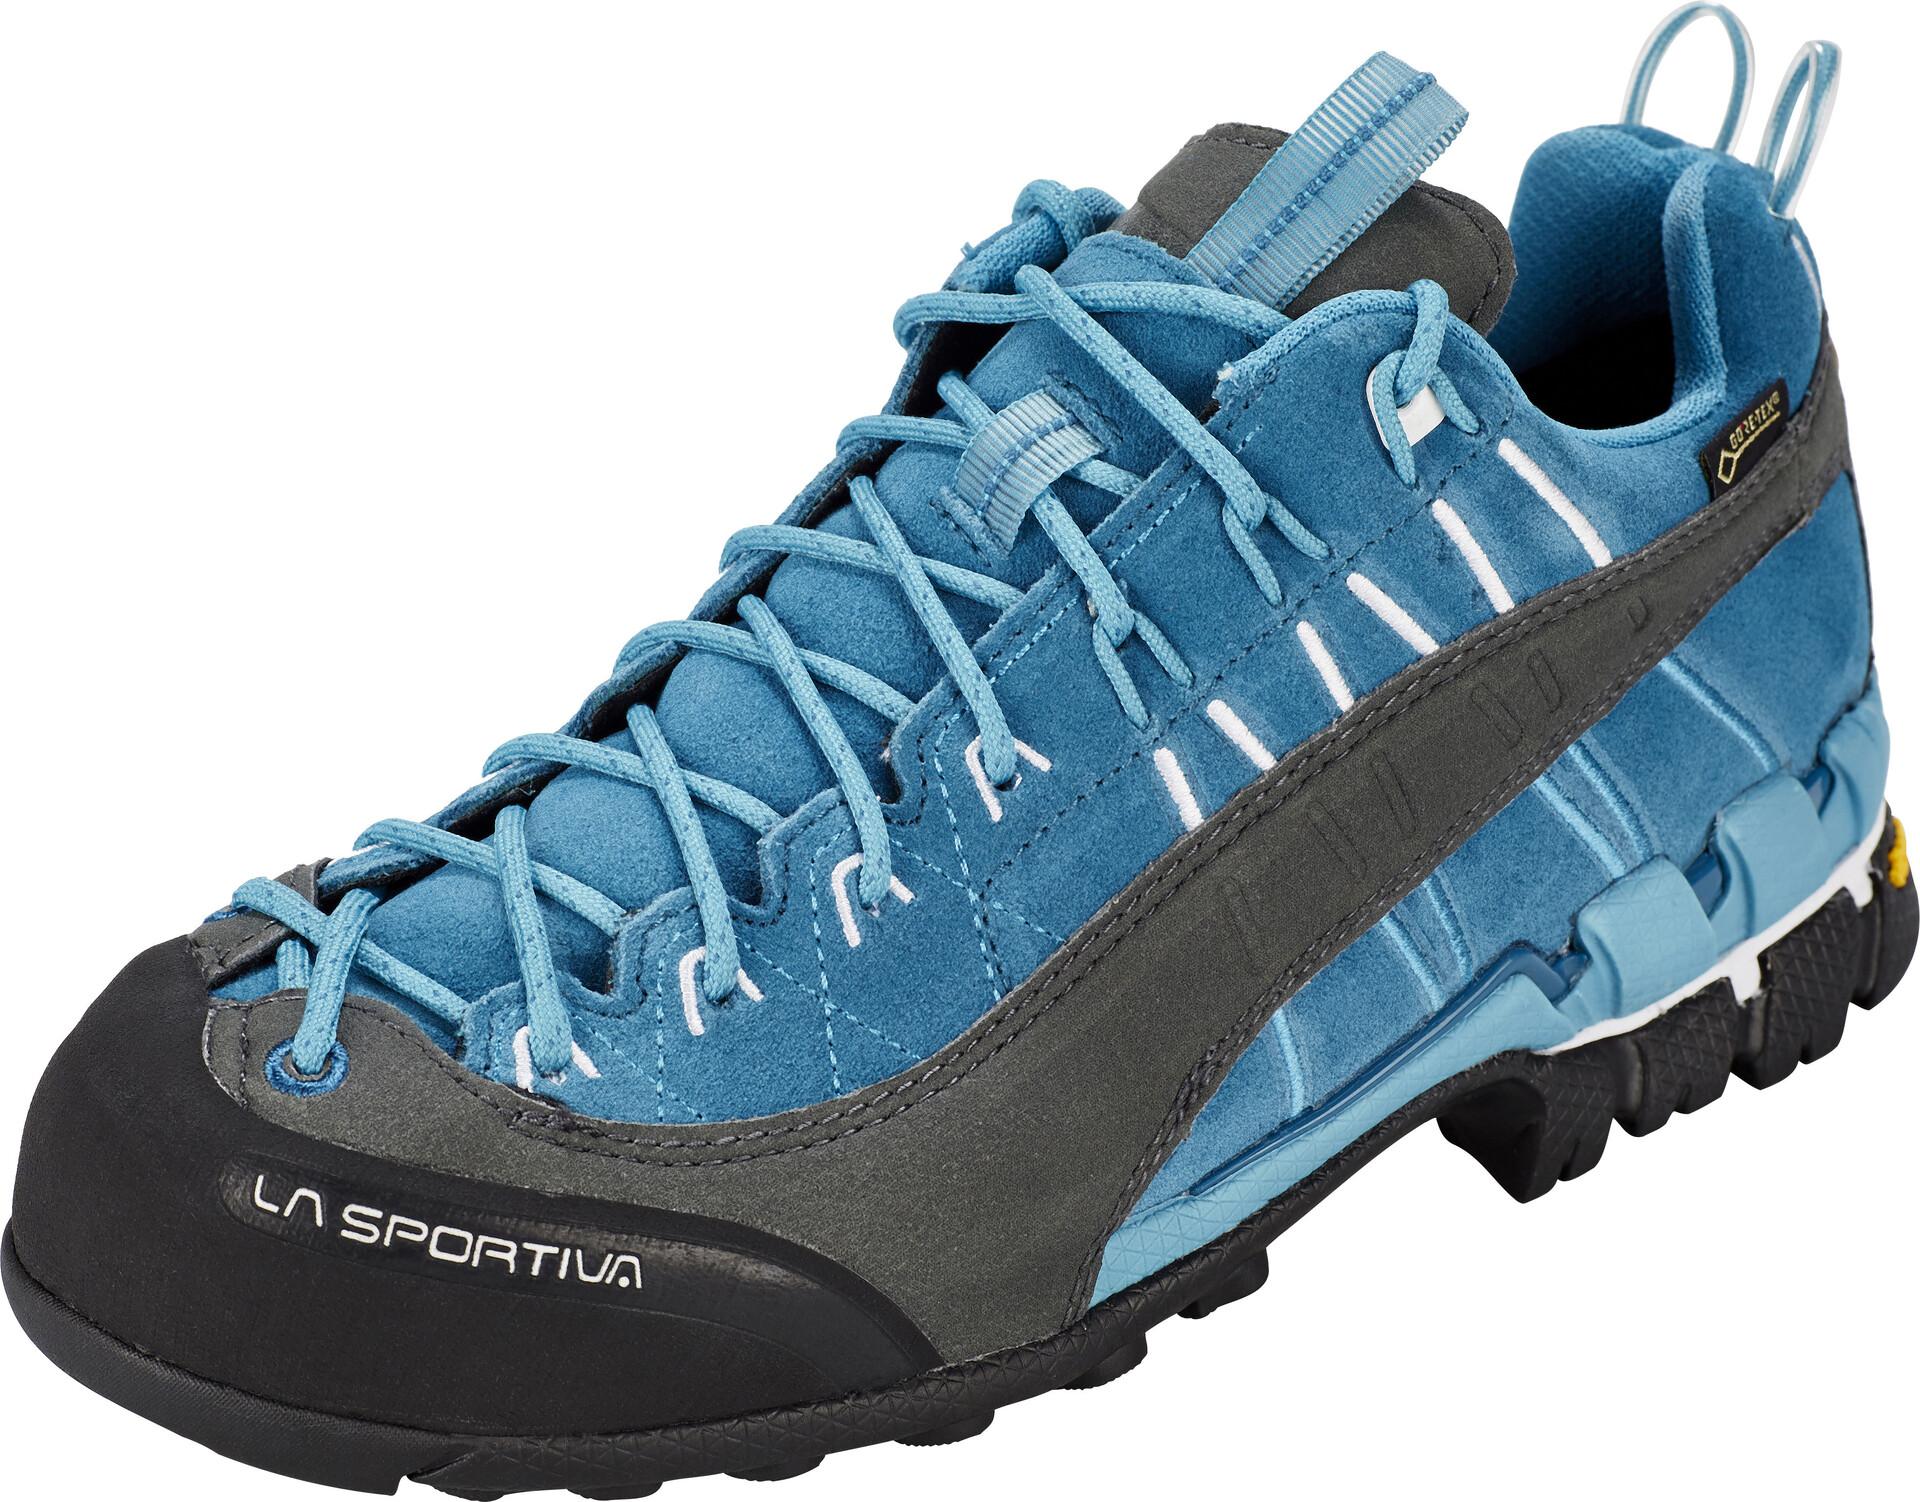 Addnature Sportiva Blu Gtx La Hyper Donna Scarpe Su Hqwn0dnB